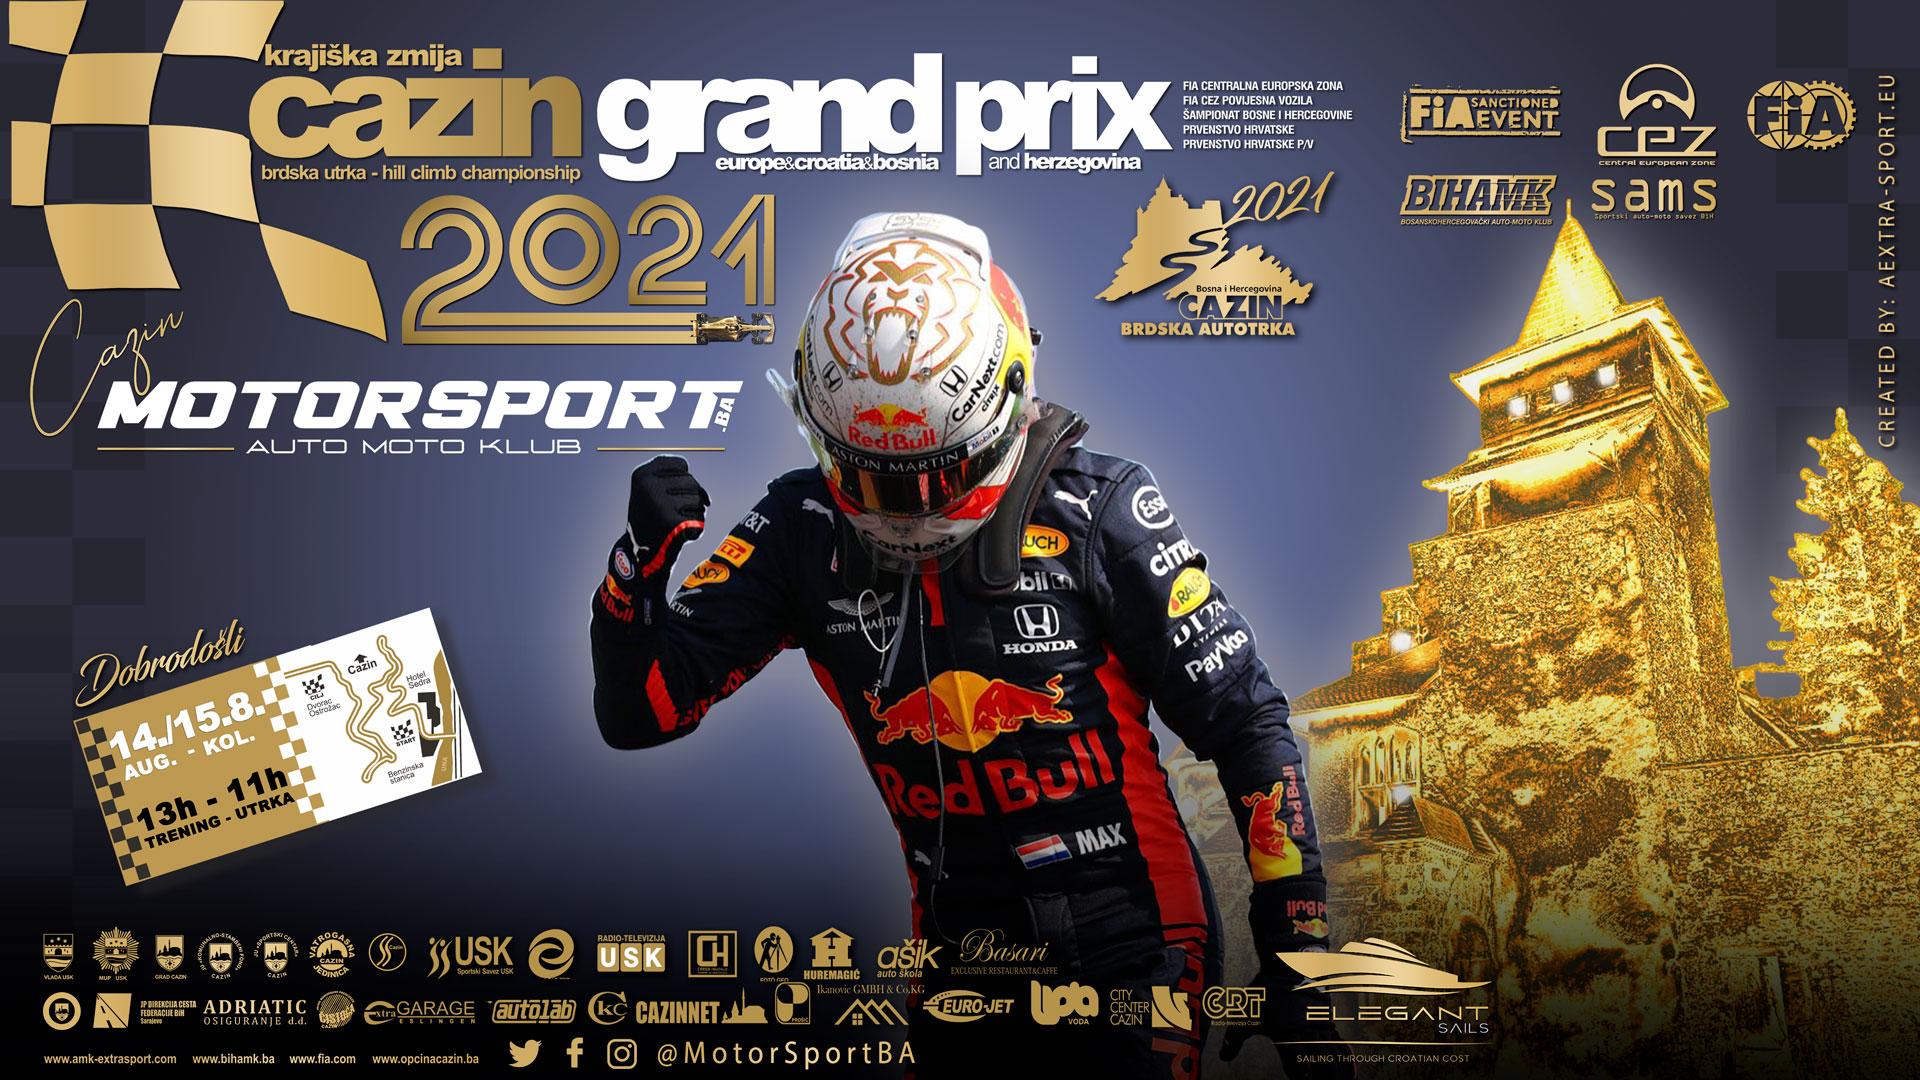 Cazin Grand Prix 2021